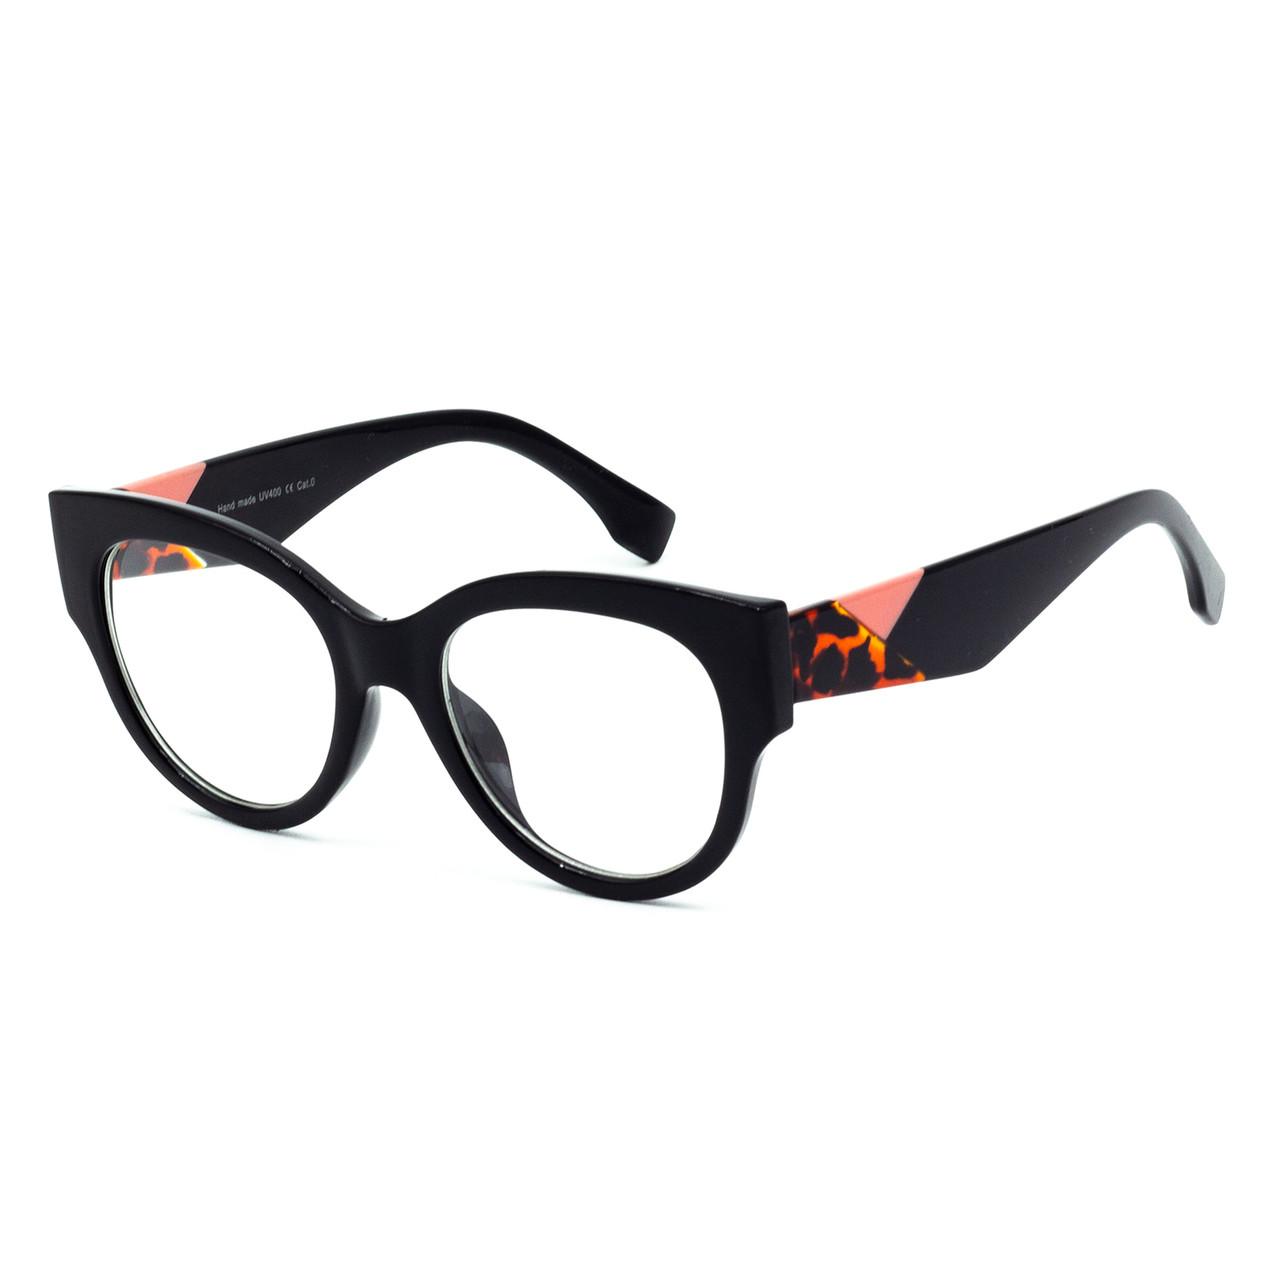 Солнцезащитные очки Marmilen 92161 C4      ( 92161-04 )